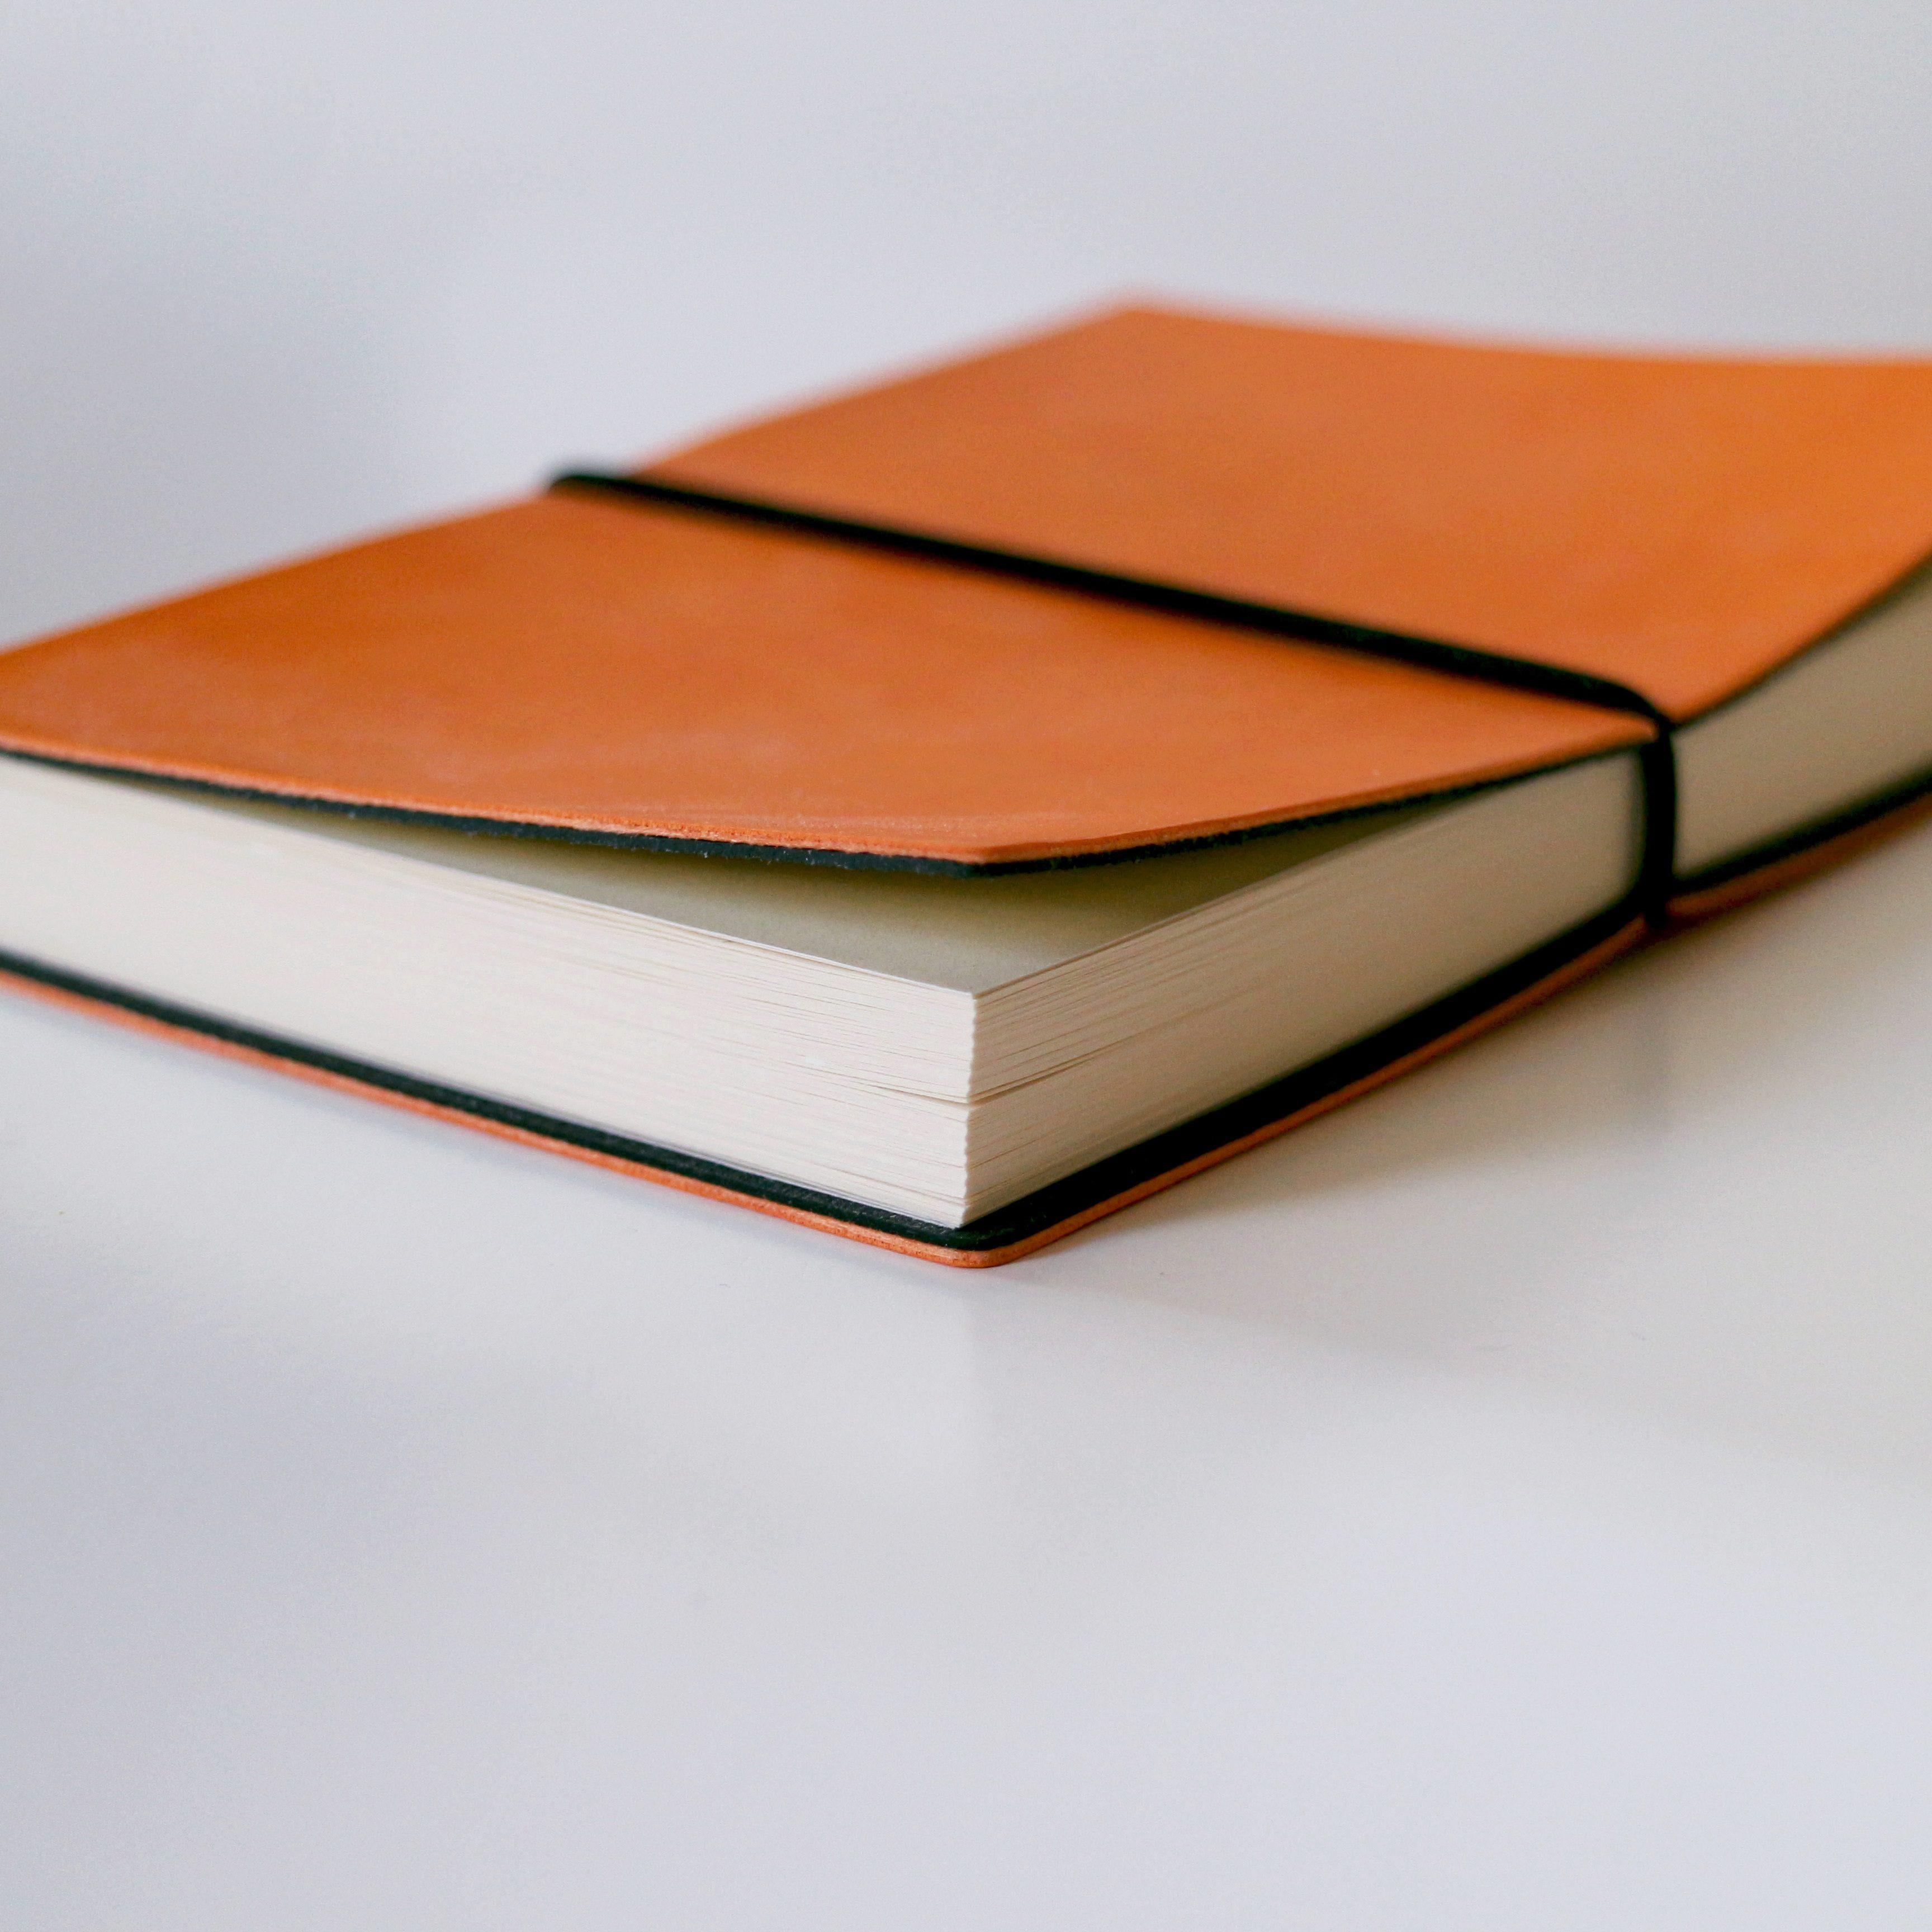 notebook-1886731